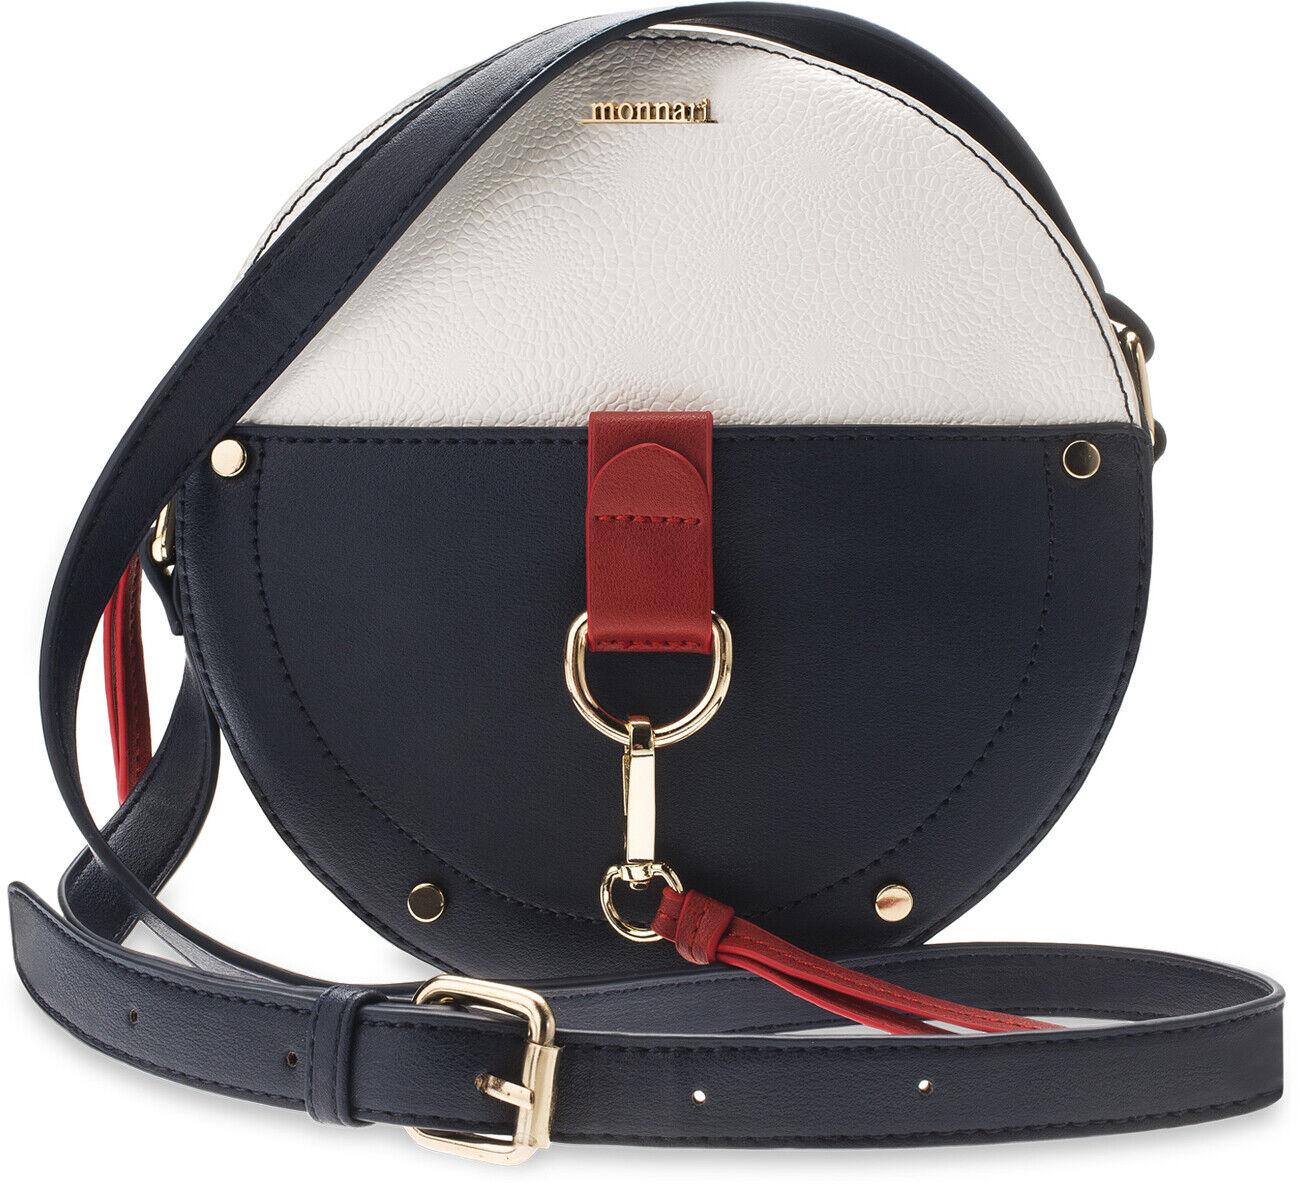 7c07a11ab94e7 Monnari runde Damentasche Köfferchen Handtasche Markentasche Marine-Look